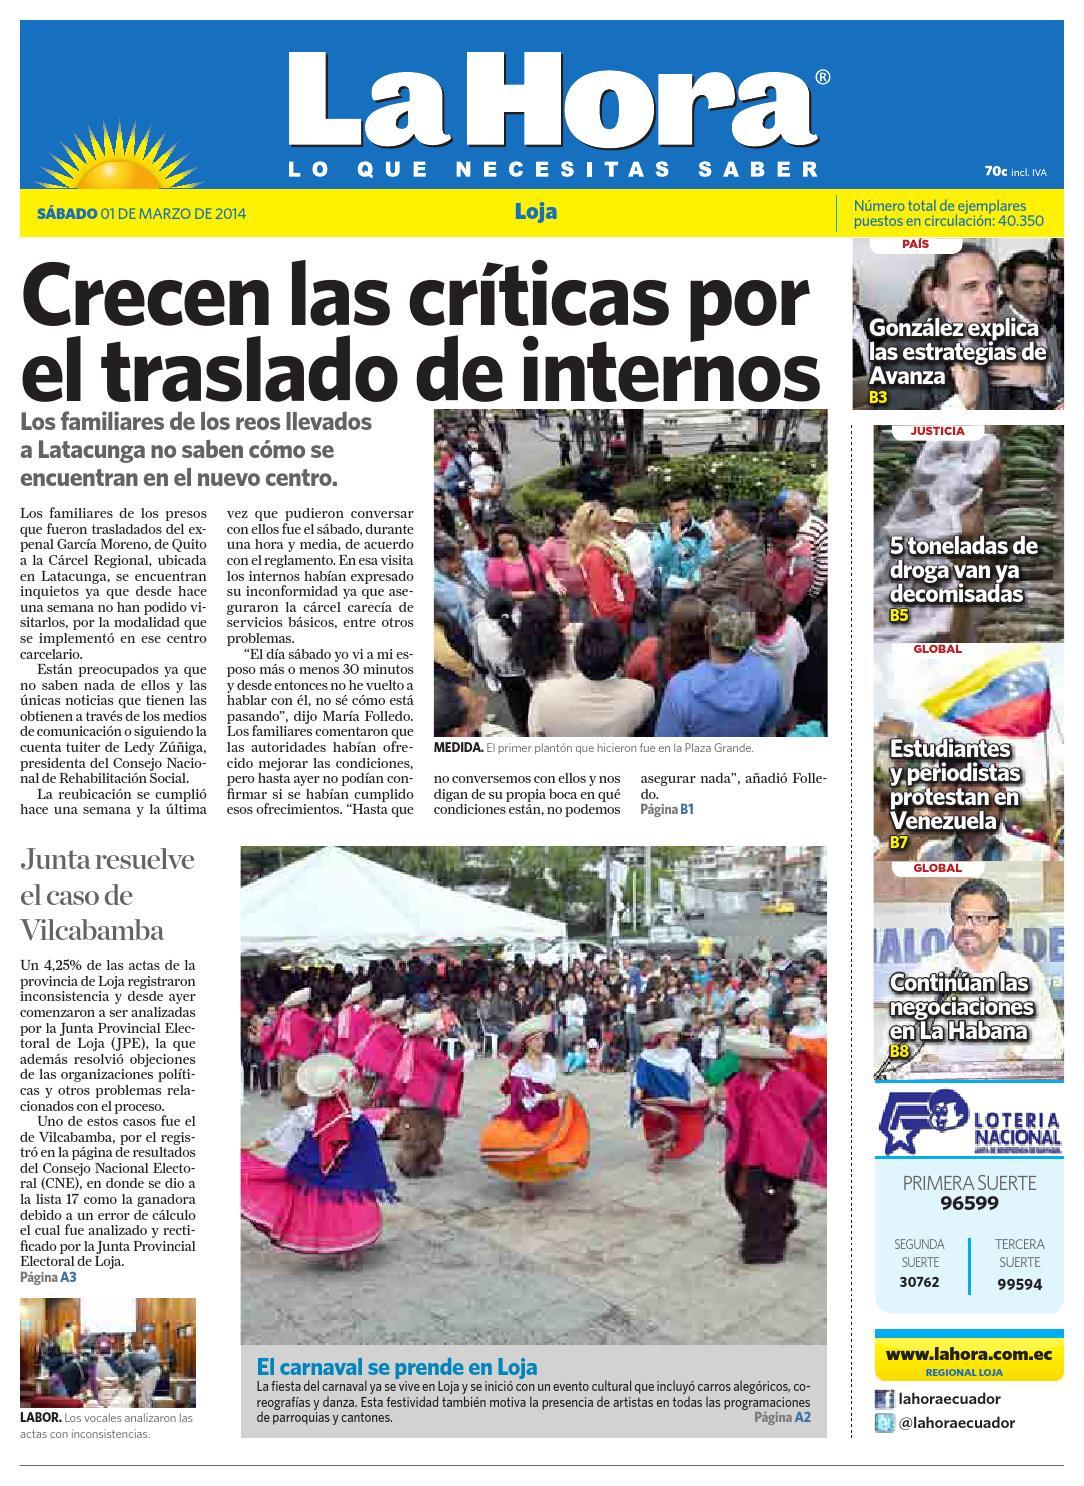 Diario La Hora Loja 01 de Marzo 2014 by Diario La Hora Ecuador - issuu cadf29de70